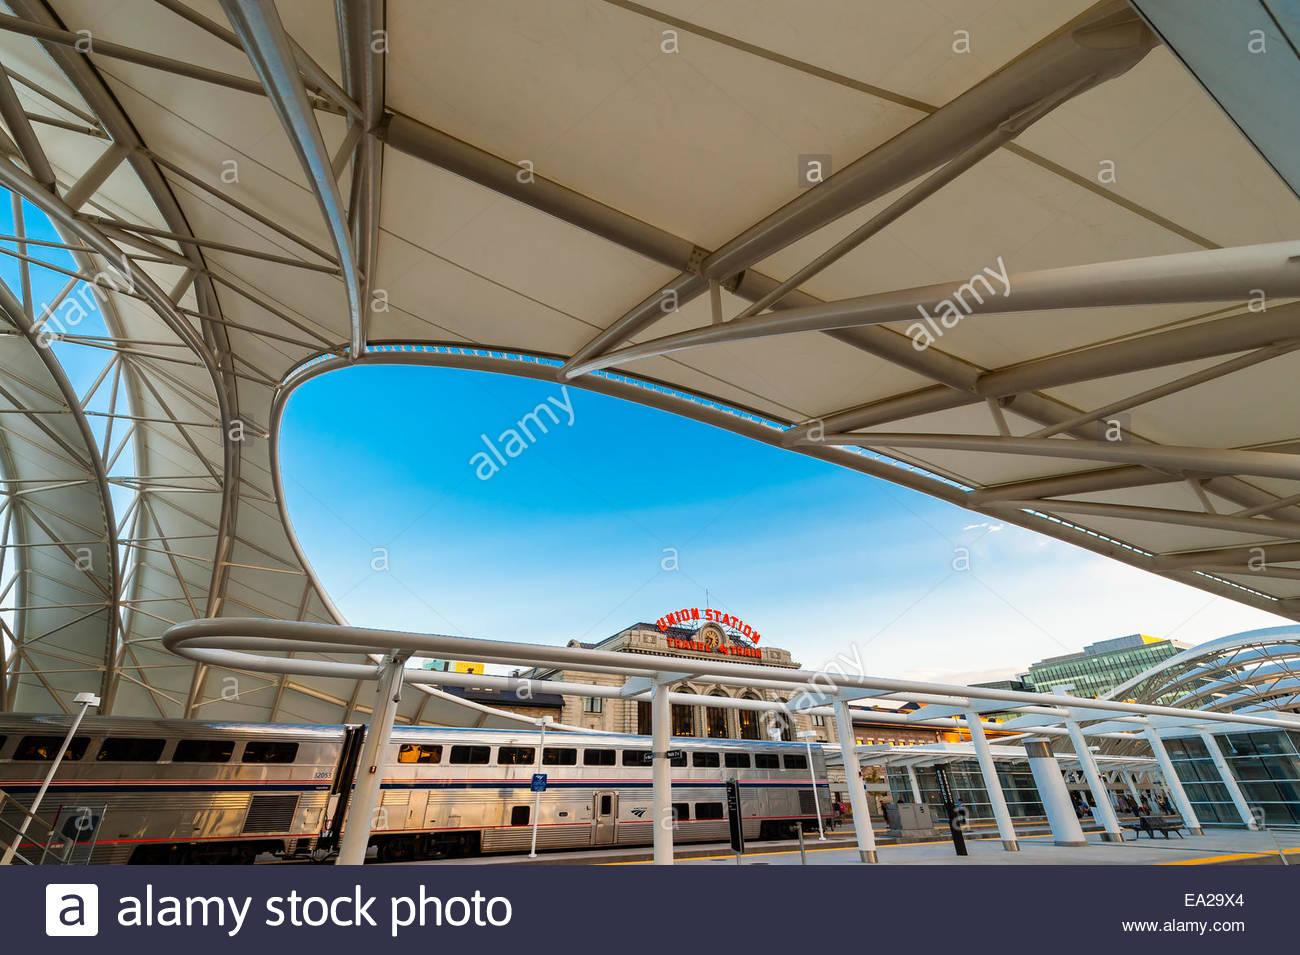 El California Zephyr en ruta desde San Francisco a Chicago, en el recientemente renovado Denver Union Station, el Imagen De Stock